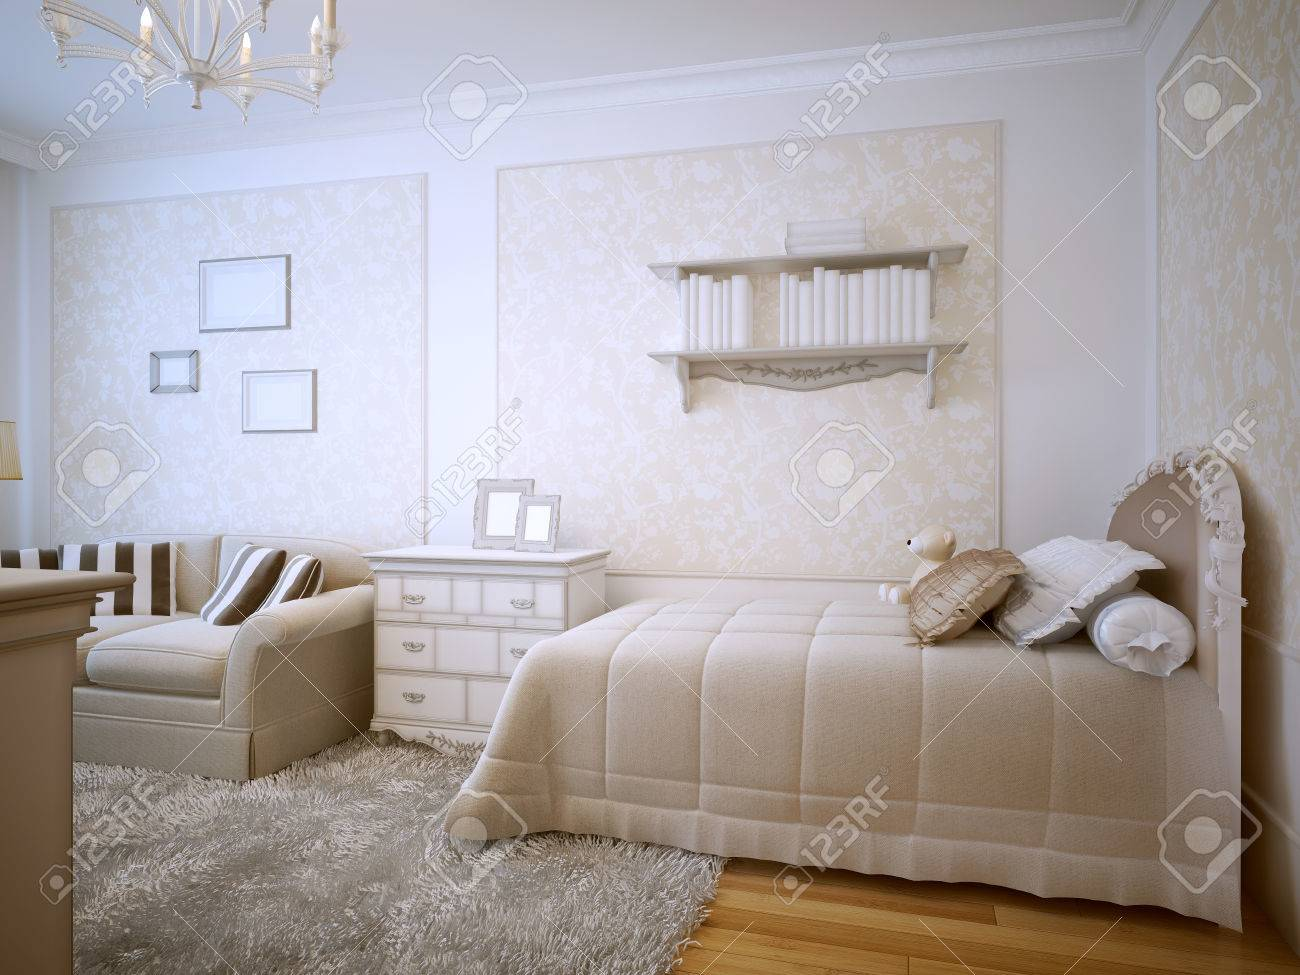 Camere Da Letto Singole Ikea Beautiful Quadri Camera Da